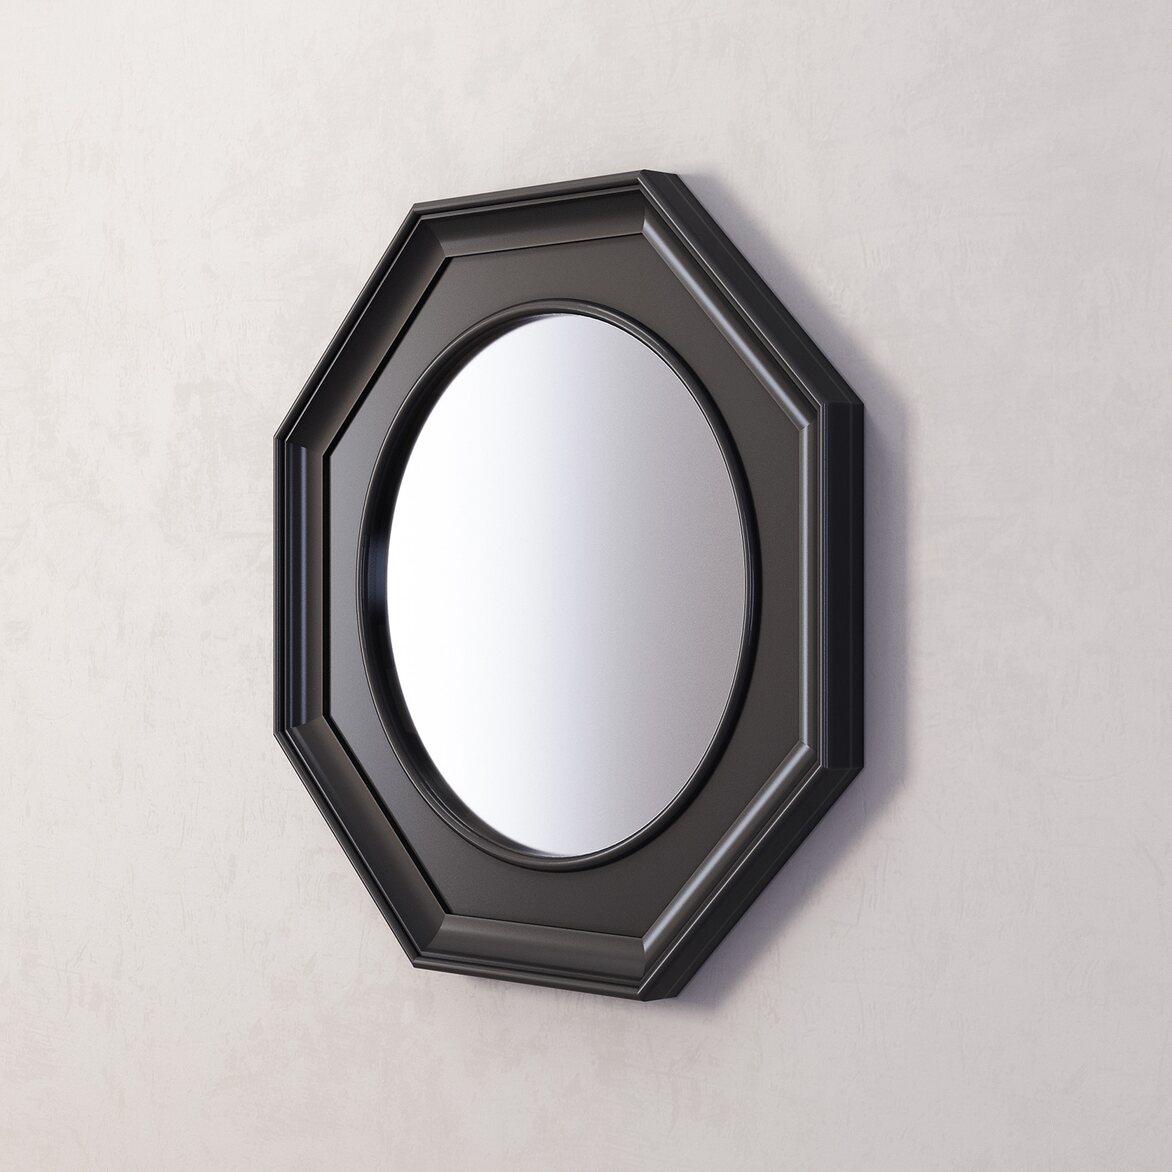 Зеркало Jersey, черное 2 | Настенные зеркала Kingsby